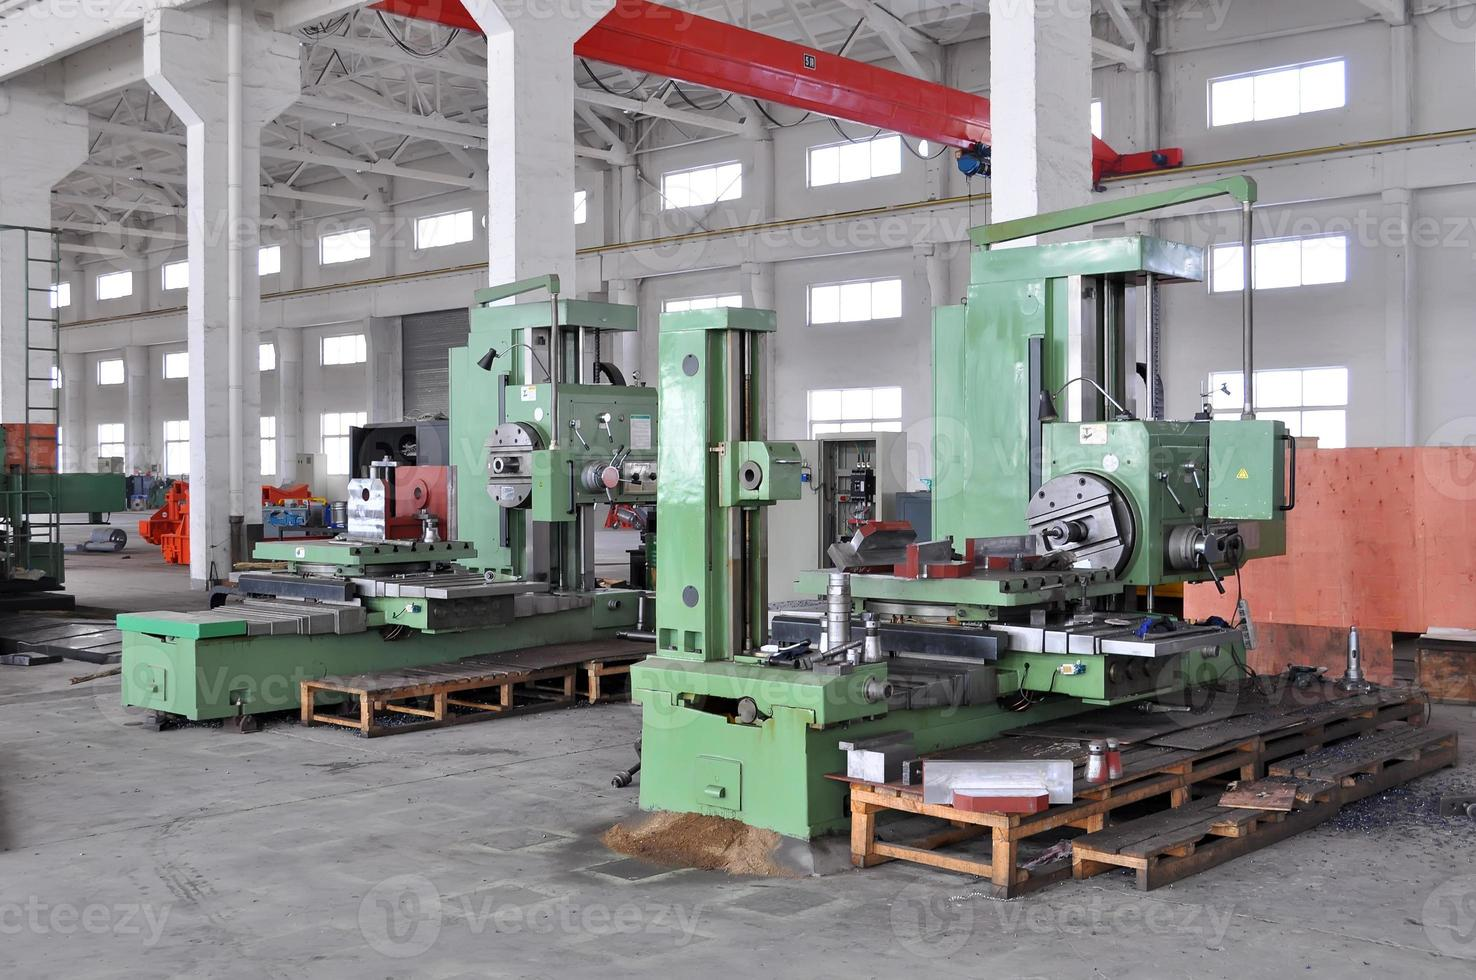 Machine tool photo